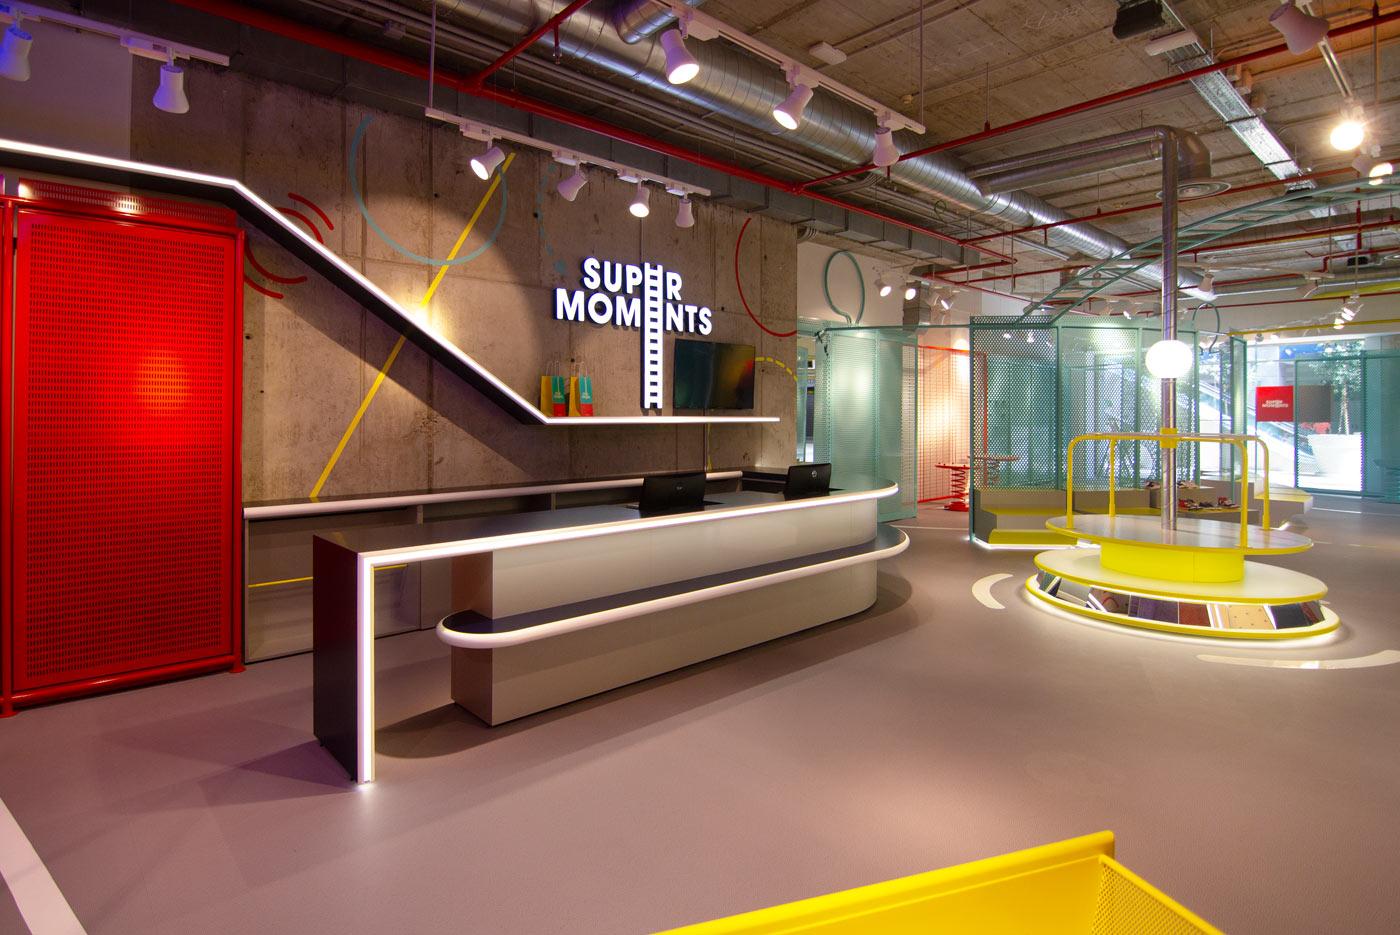 Iluminación lujuosa: L&S una empresa con proyectos elegantes en Madrid iluminación lujuosa Iluminación lujuosa: L&S una empresa con proyectos elegantes en Madrid iluminacion tienda supermoments